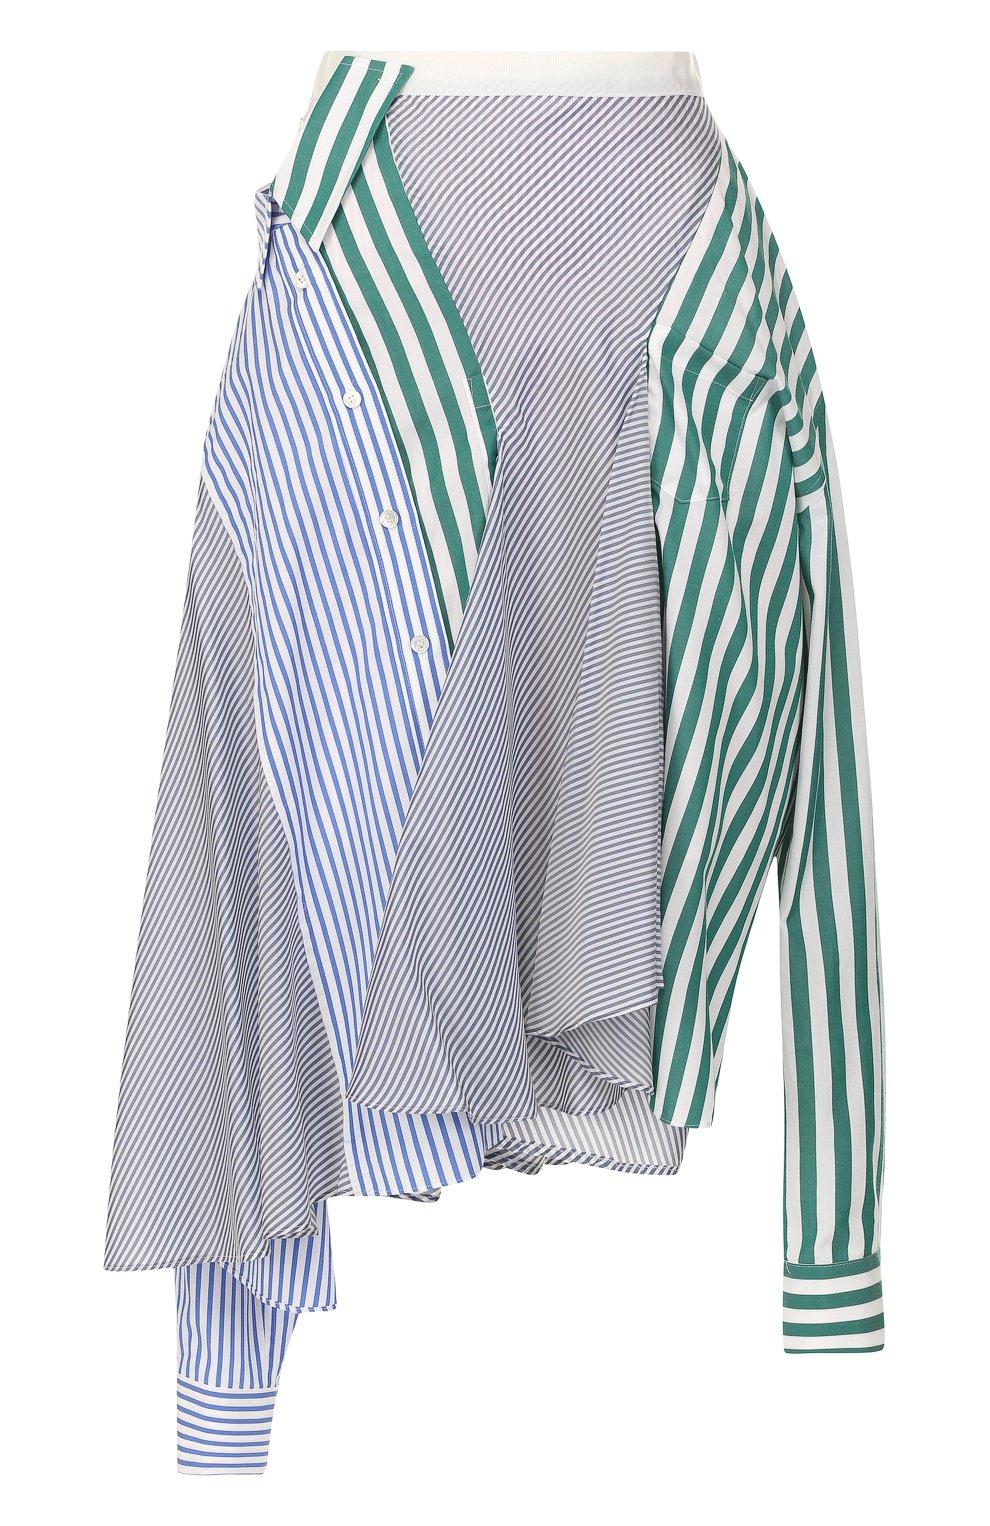 Женская хлопковая юбка асимметричного кроя в полоску SACAI разноцветного цвета, арт. 18-03840 | Фото 1